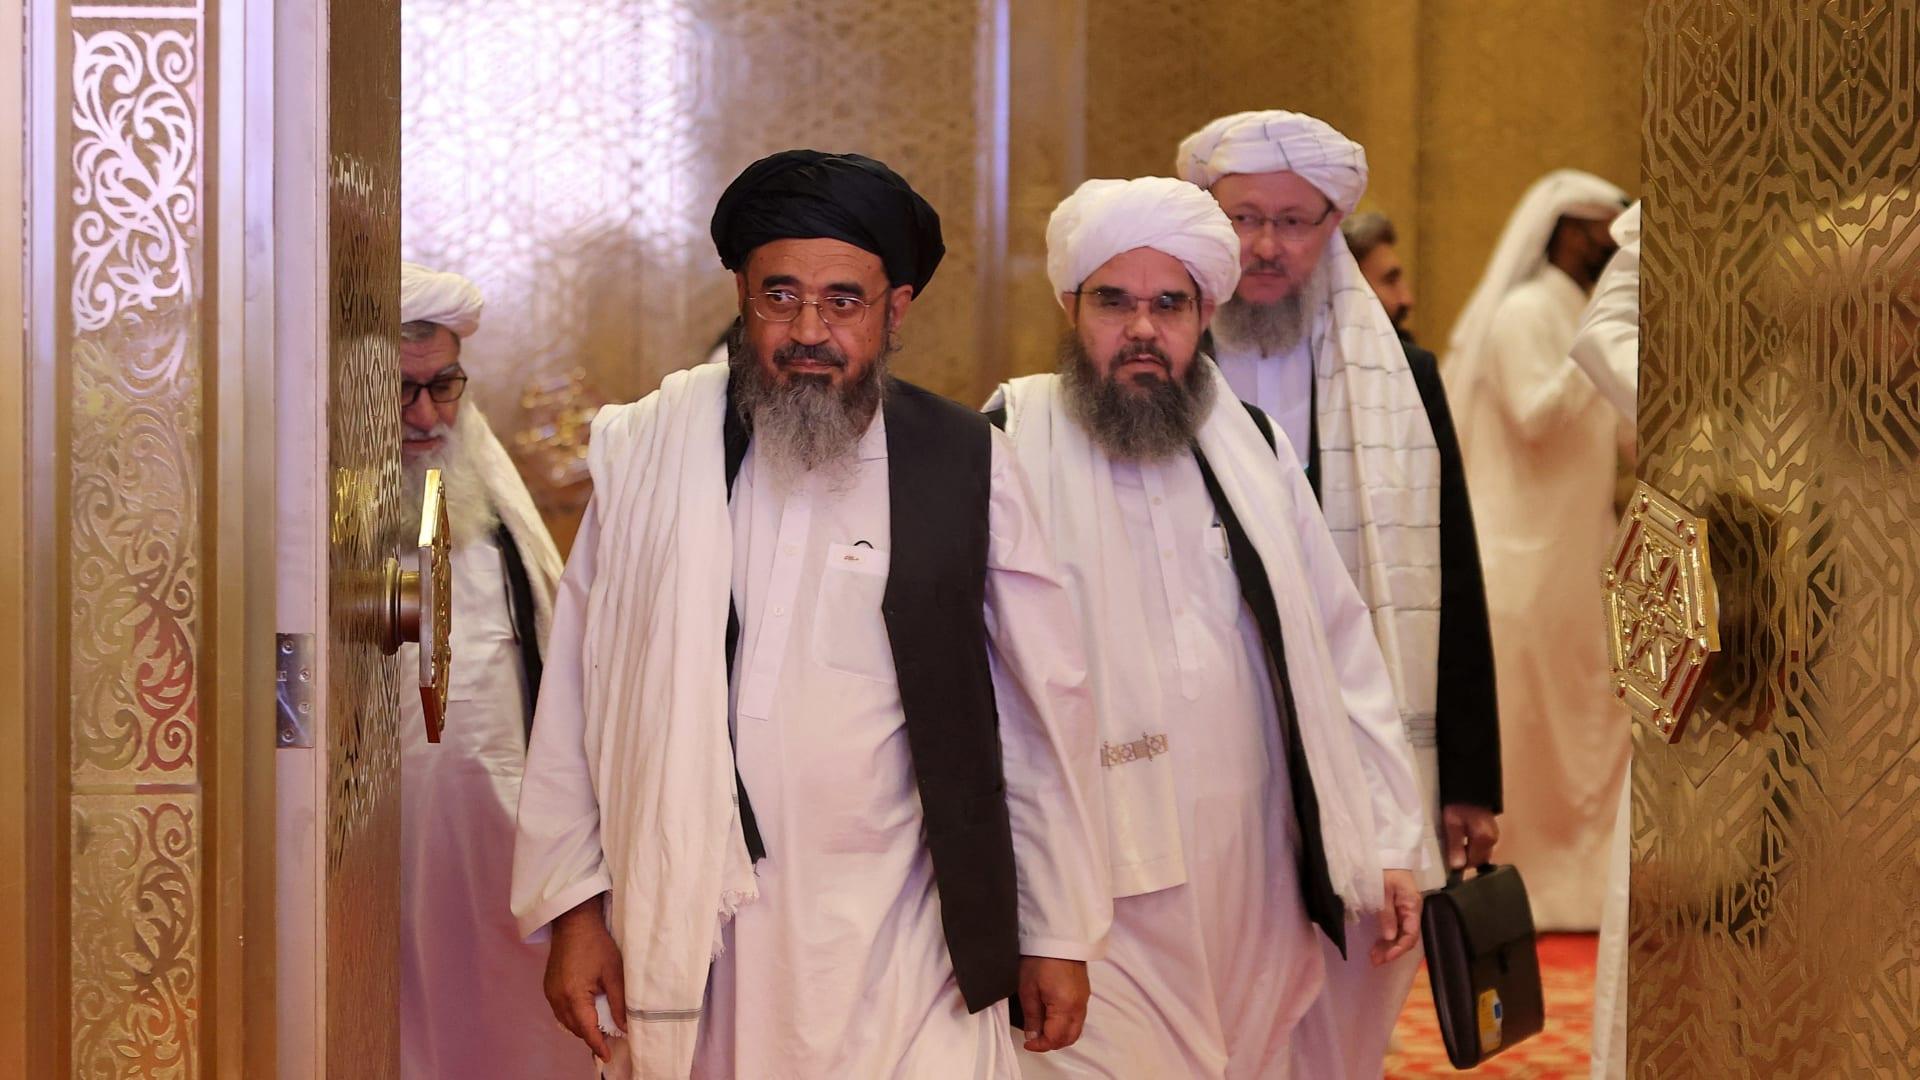 بظل طالبان.. كيف يبدو مستقبل أفغانستان الاقتصادي؟